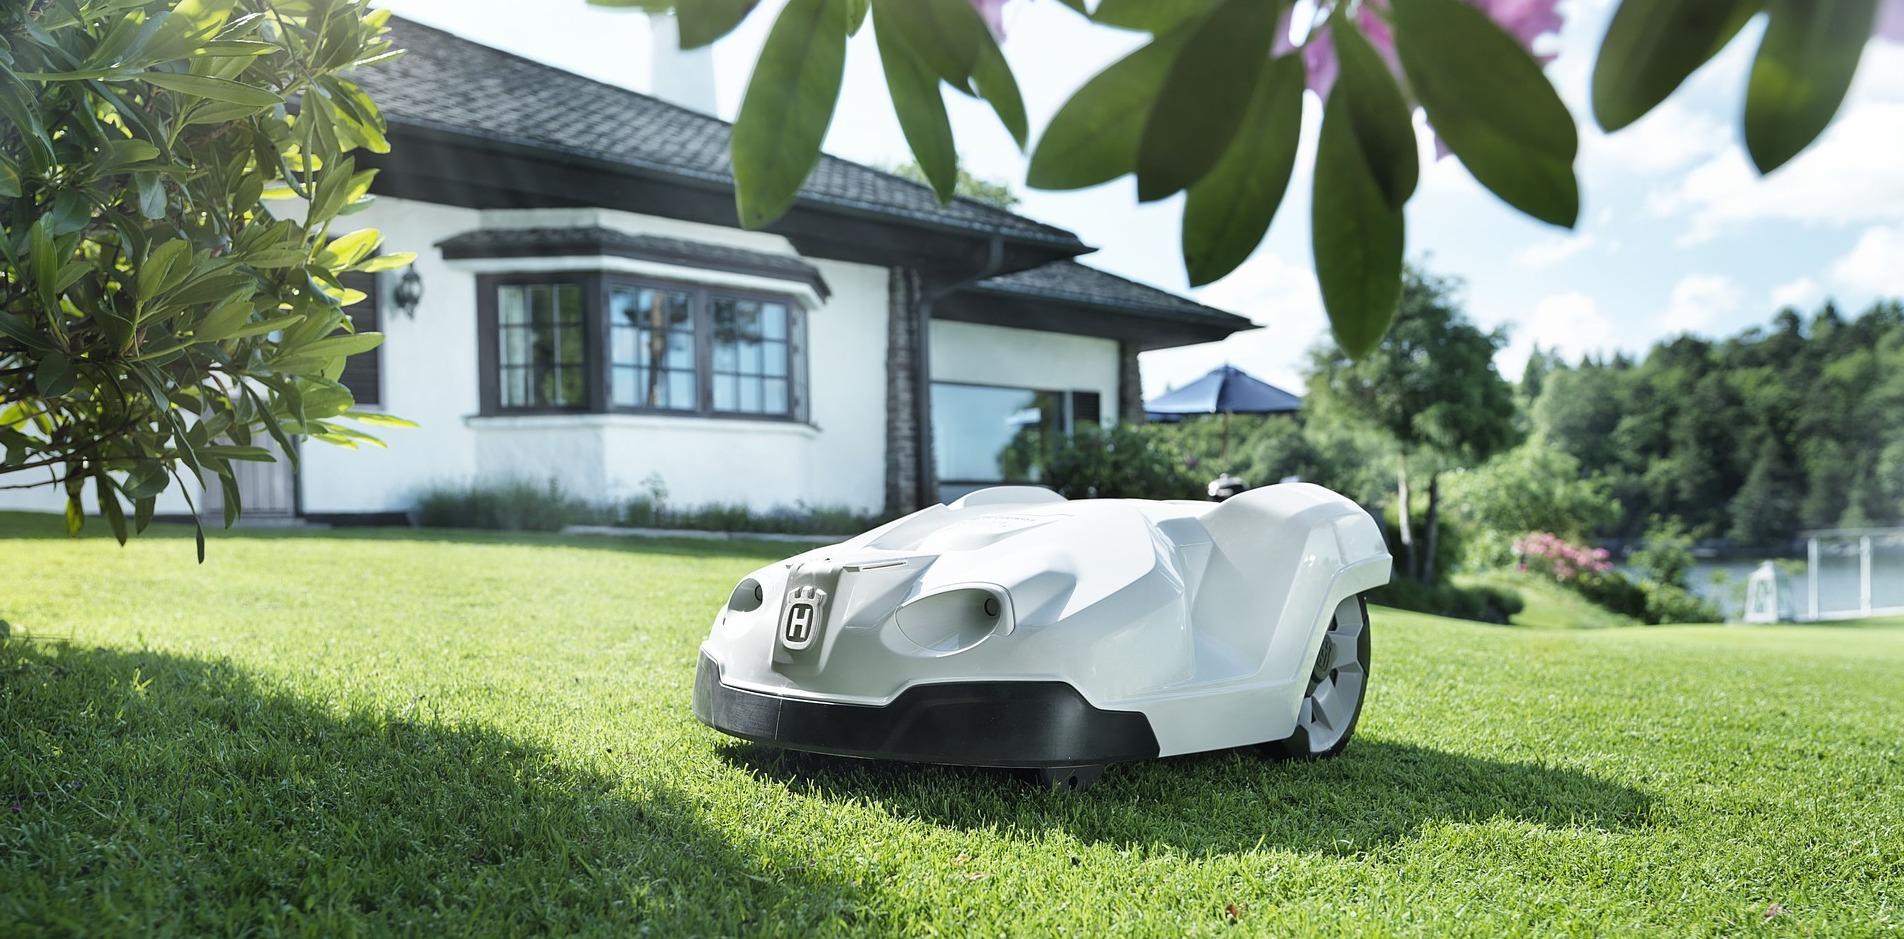 Top 5 domotica gadgets voor in de tuin. Met stip op 1: de Robotmaaier #robotmaaier